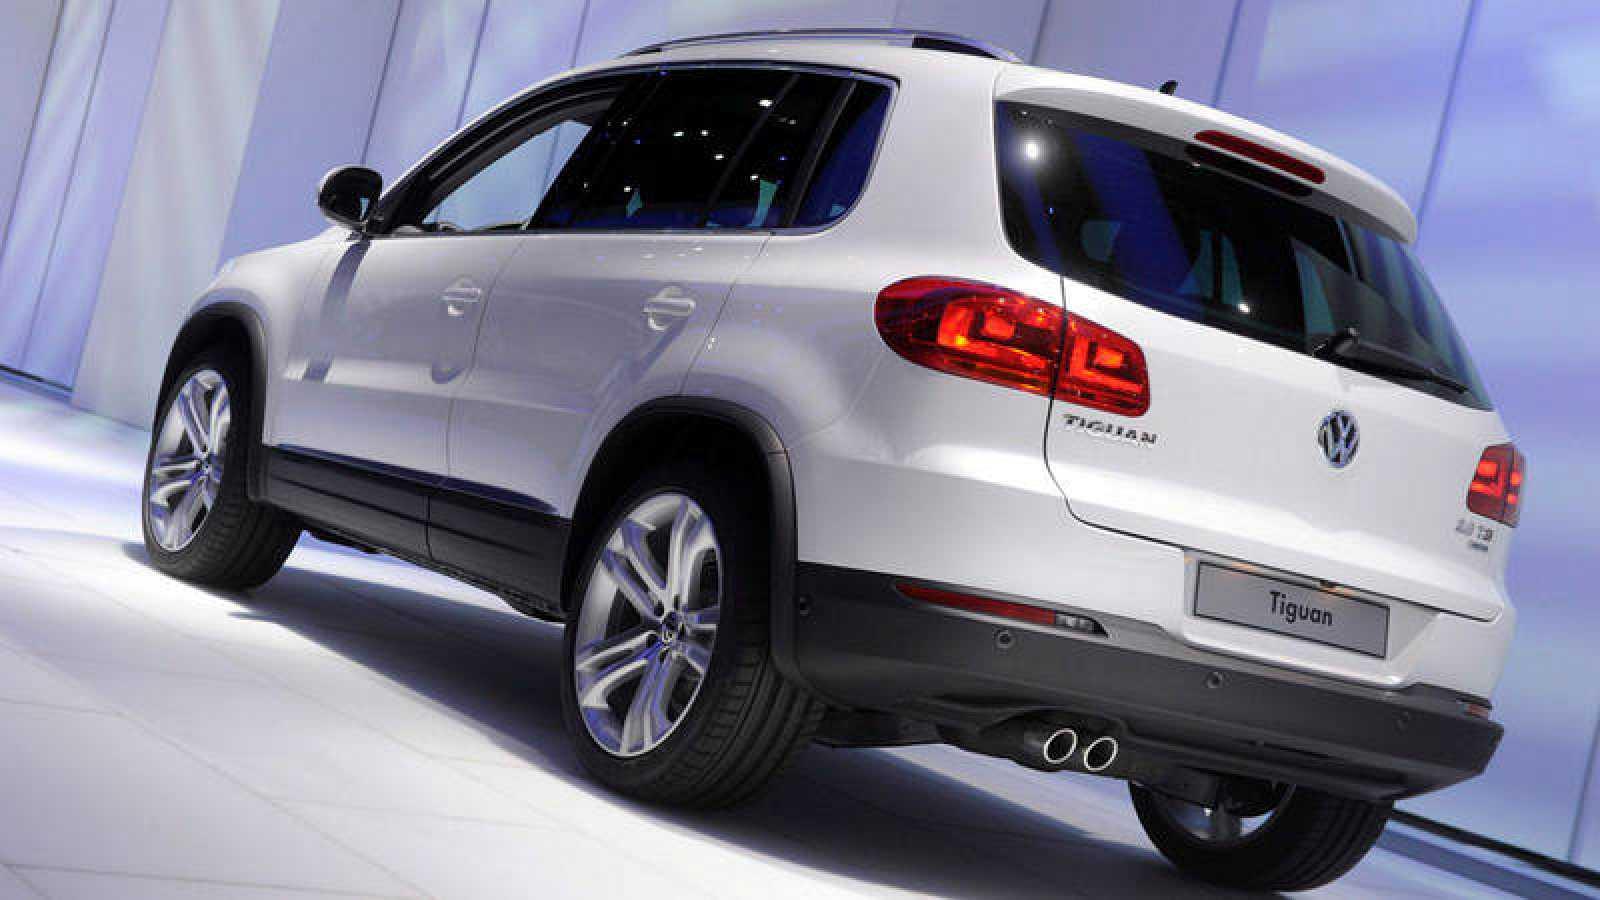 El problema afecta a los vehículos Tiguan y Touran de la nueva generación que se han fabricado hasta el 5 de julio pasado